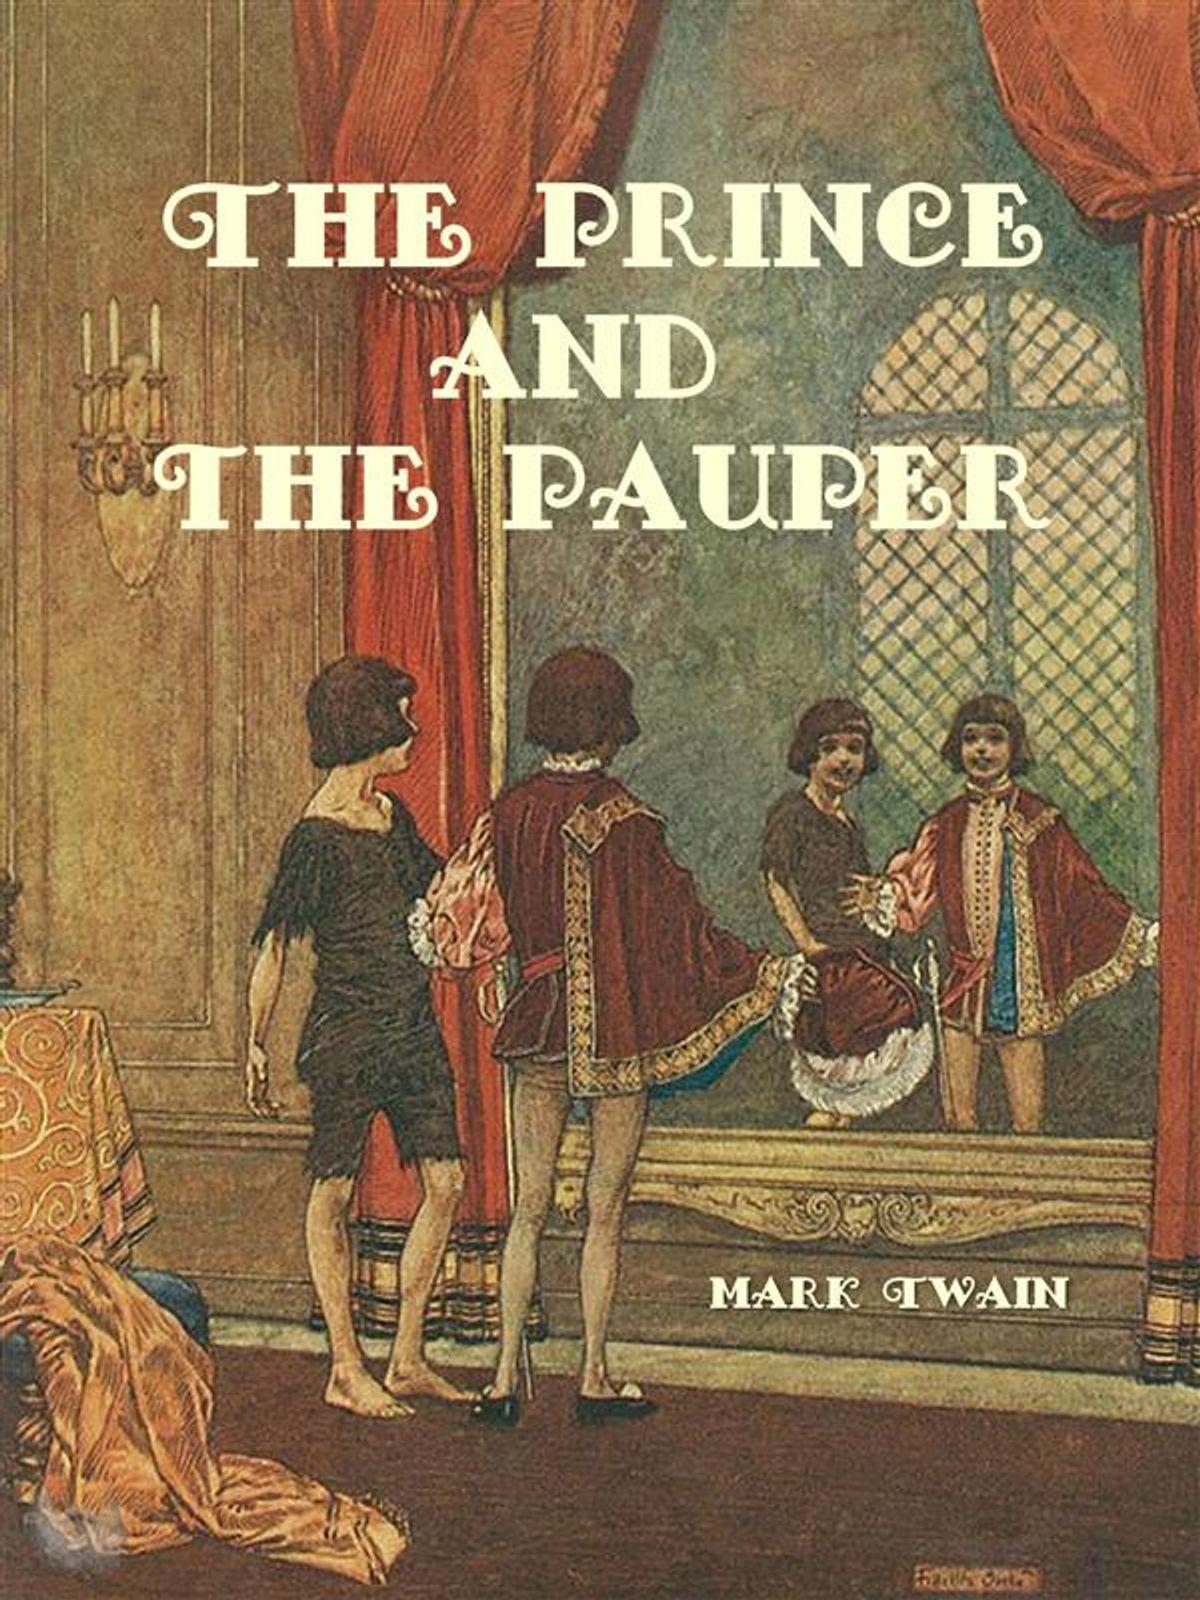 The Prince and the Pauper - eBook - Walmart.com - Walmart.com